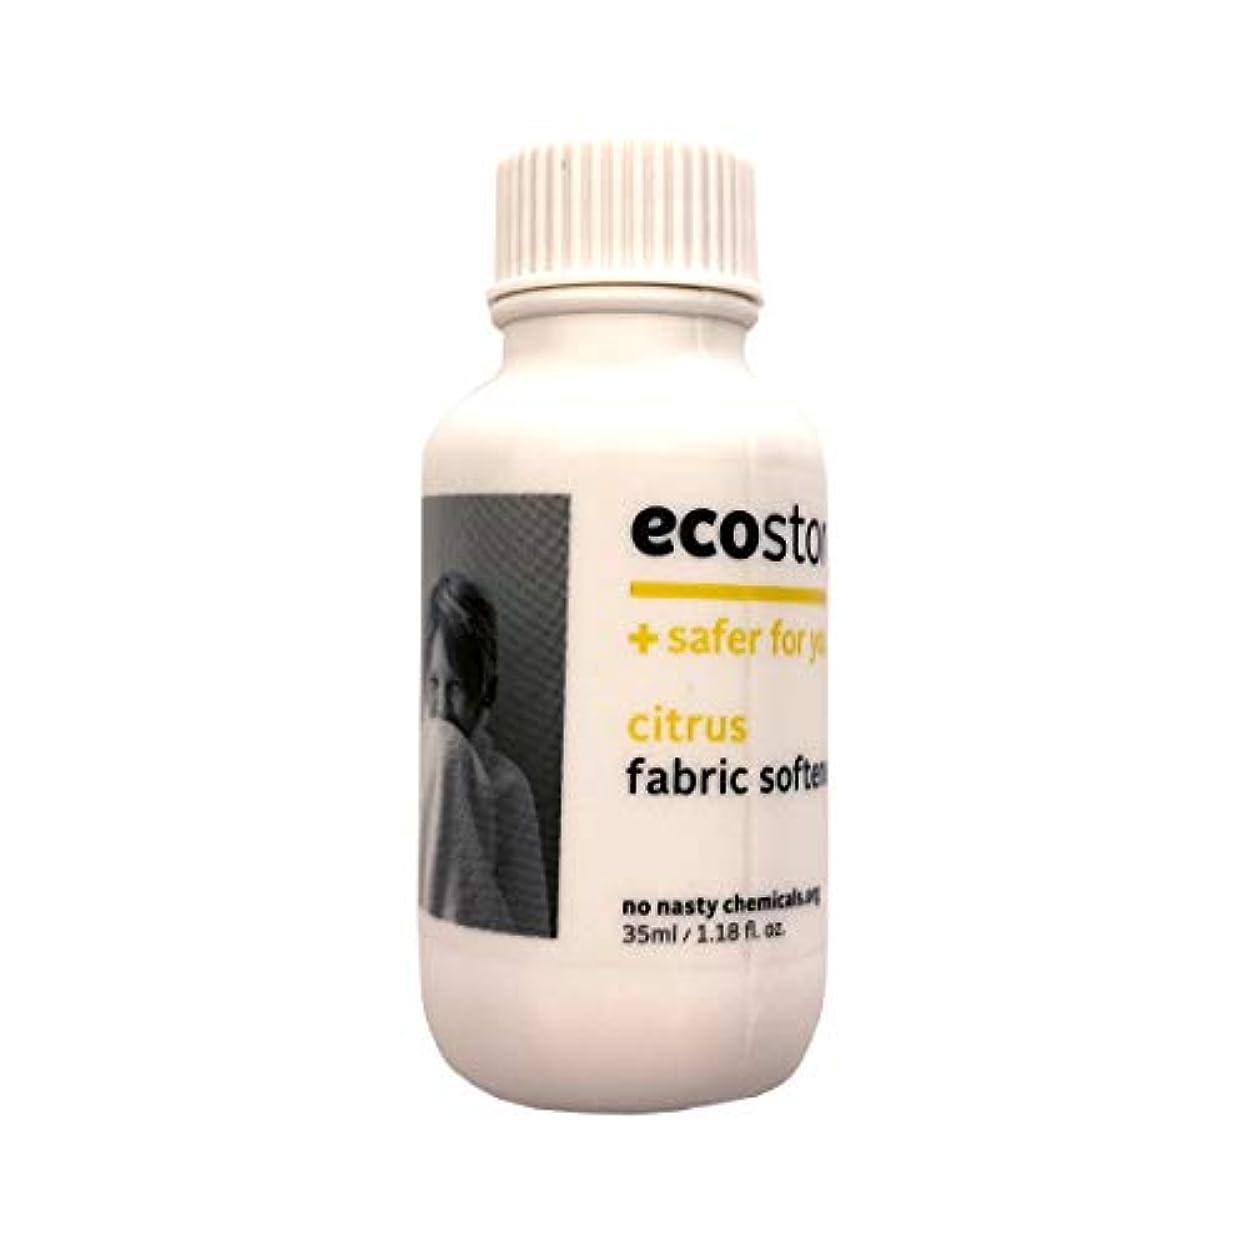 保全正午泥だらけecostore(エコストア) ファブリックソフナー  シトラス 35ml 柔軟仕上げ剤 実質無料サンプルストア対象